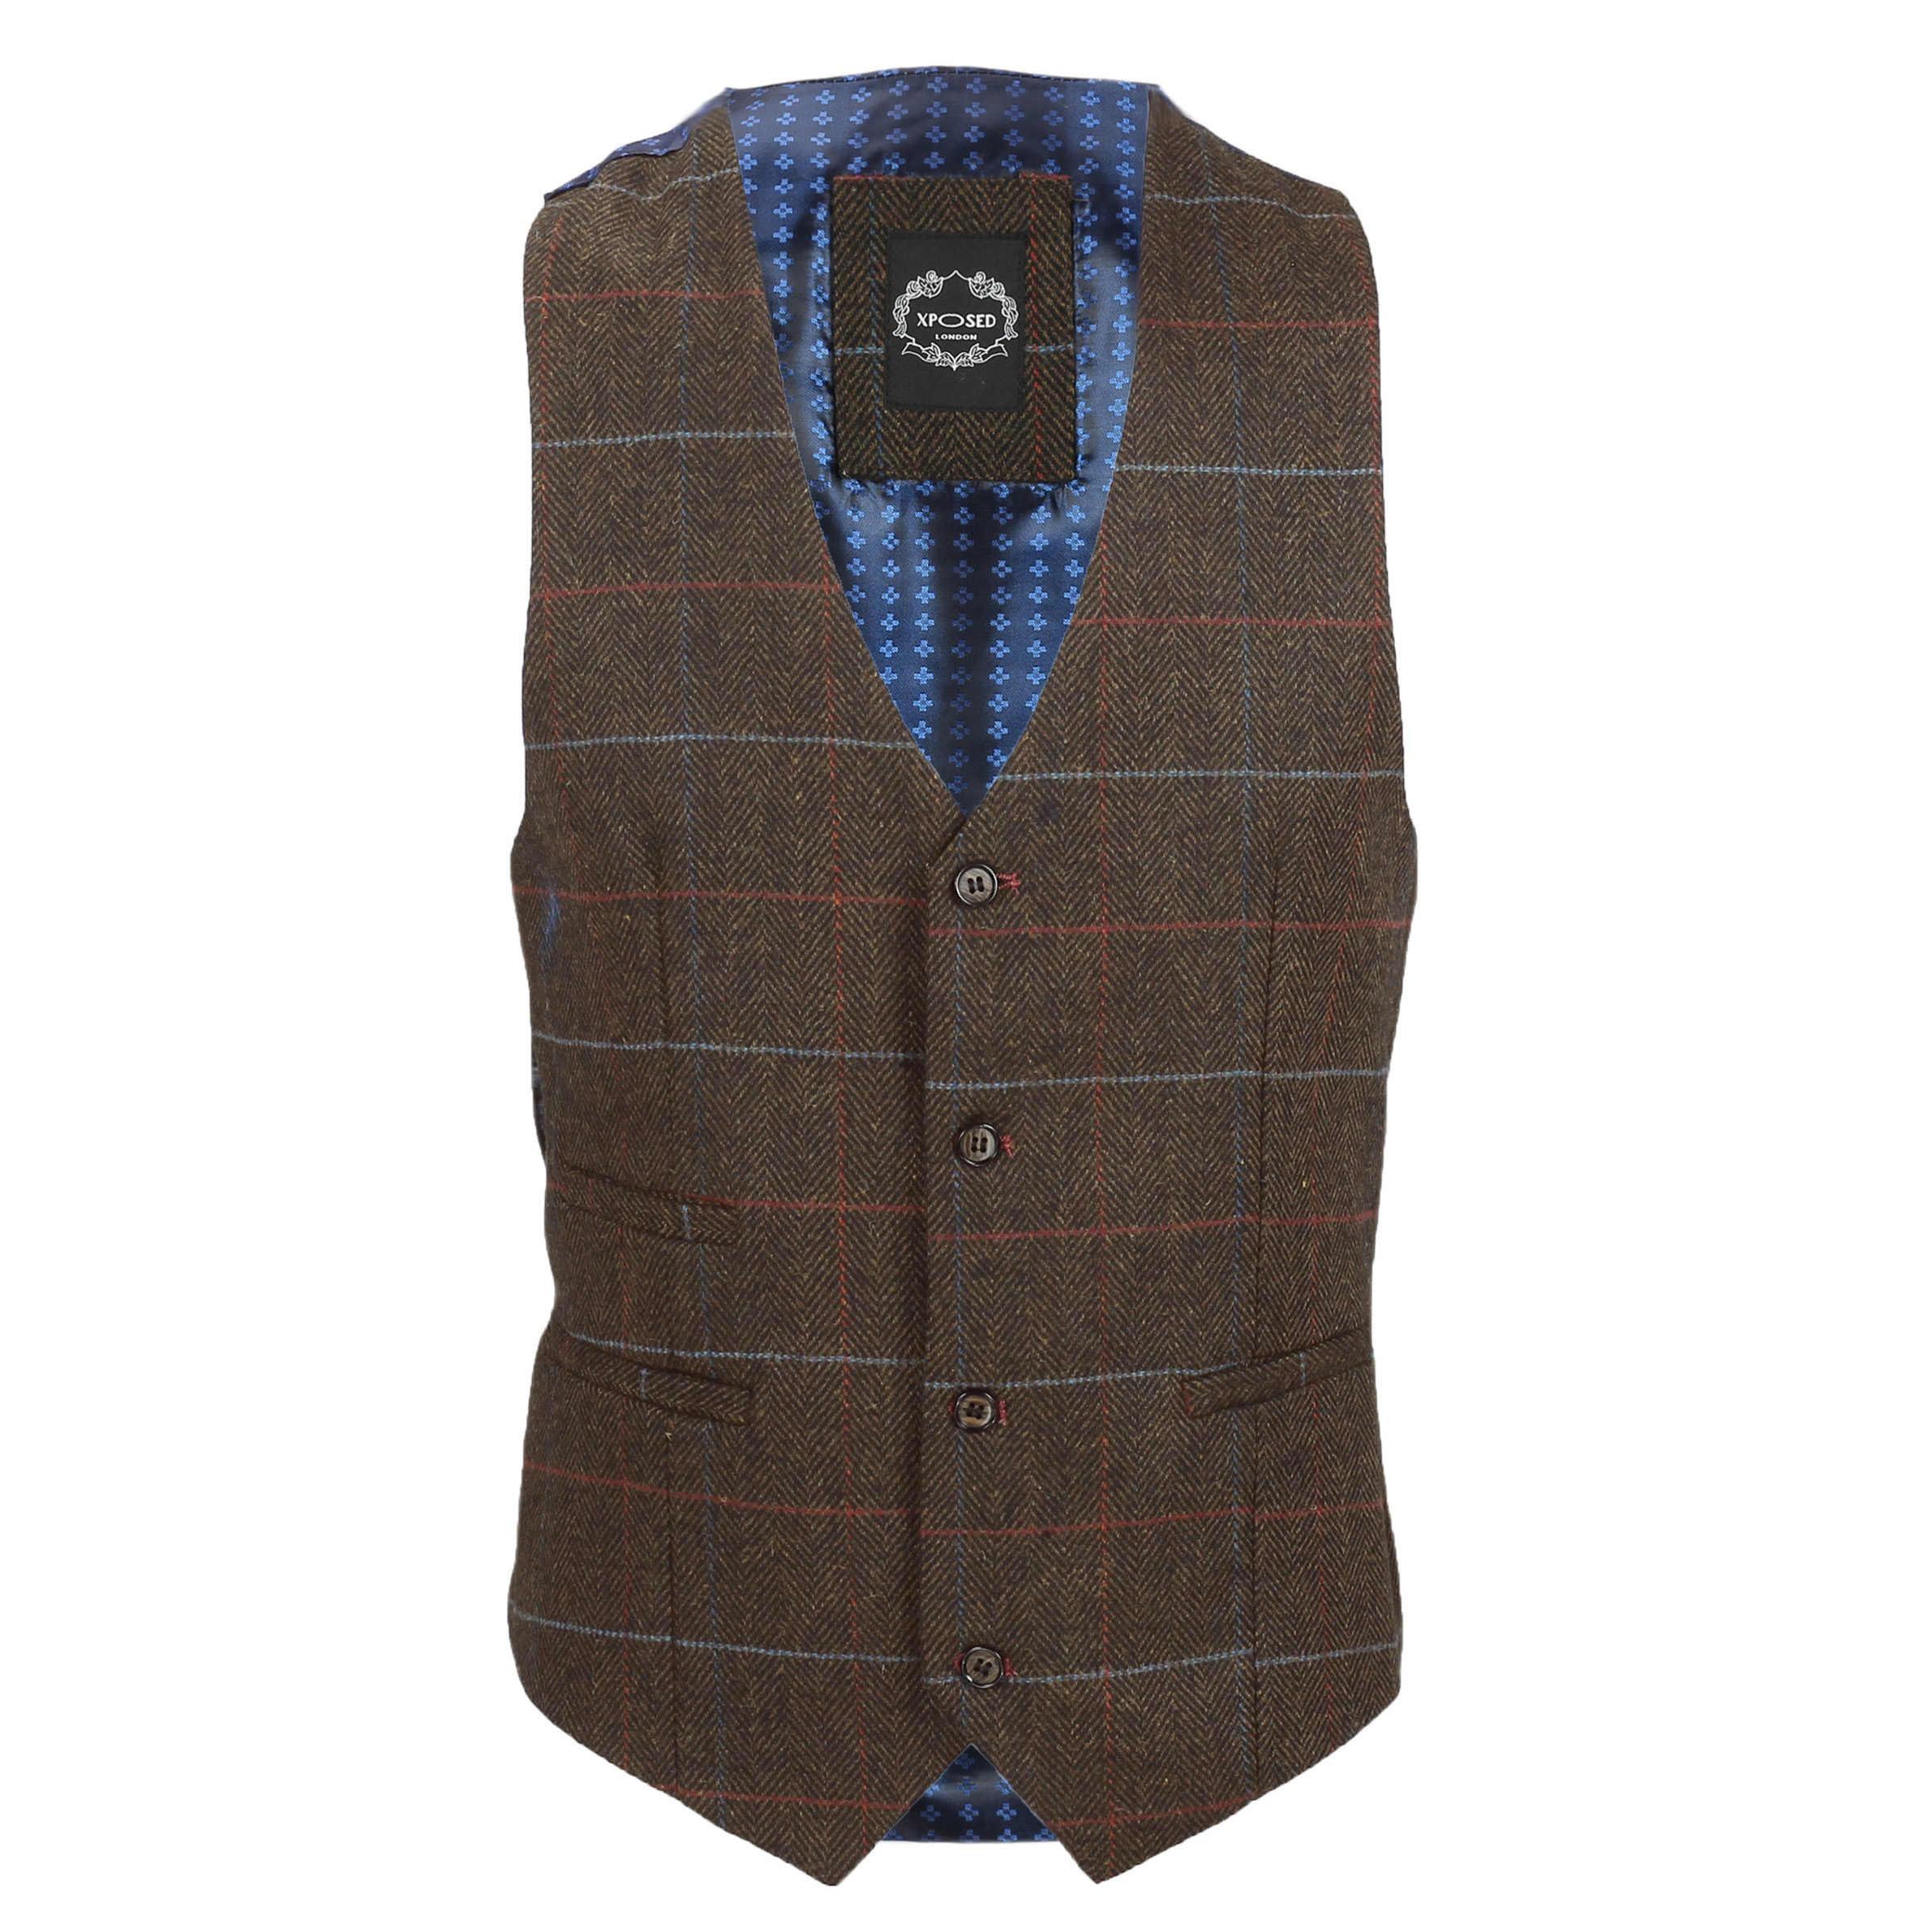 Nuevo-Chaleco-De-Hombre-Retro-Vintage-Marron-Tweed-Espiga-Roble-cheque-Smart-Casual miniatura 15